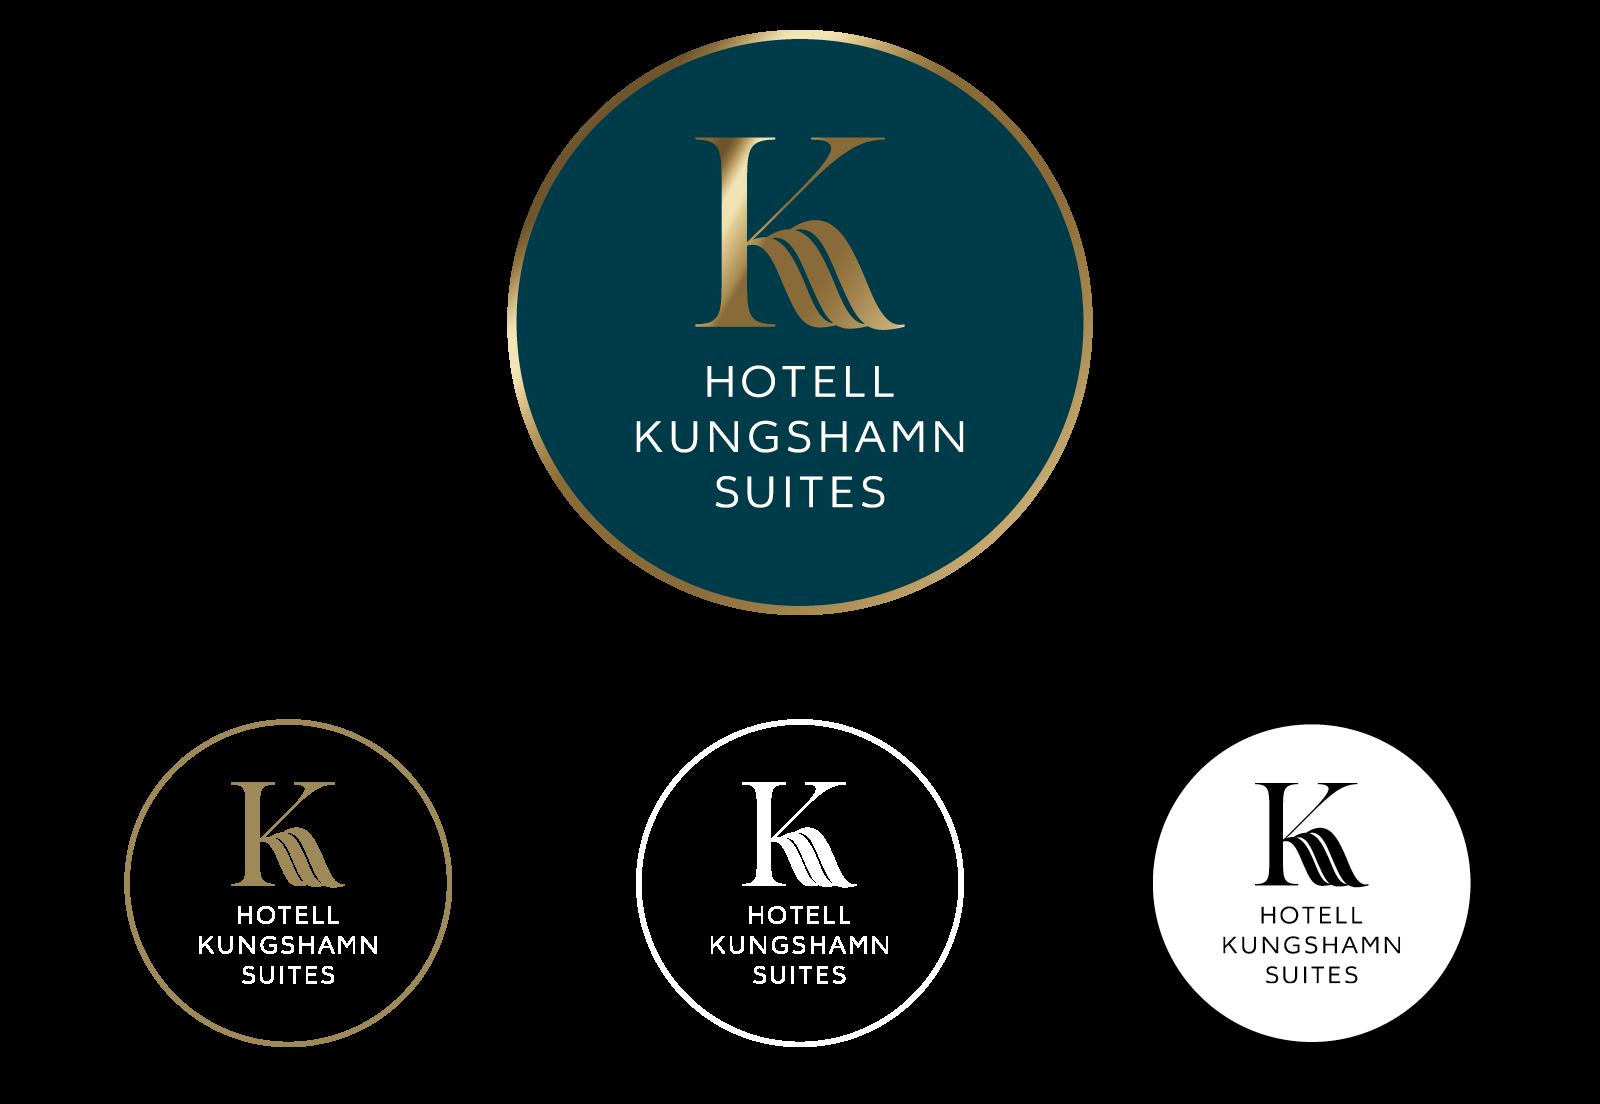 HOTELL KUNGSHAMN Ny webbsida boka boende nära smögen direkt på vår sajt